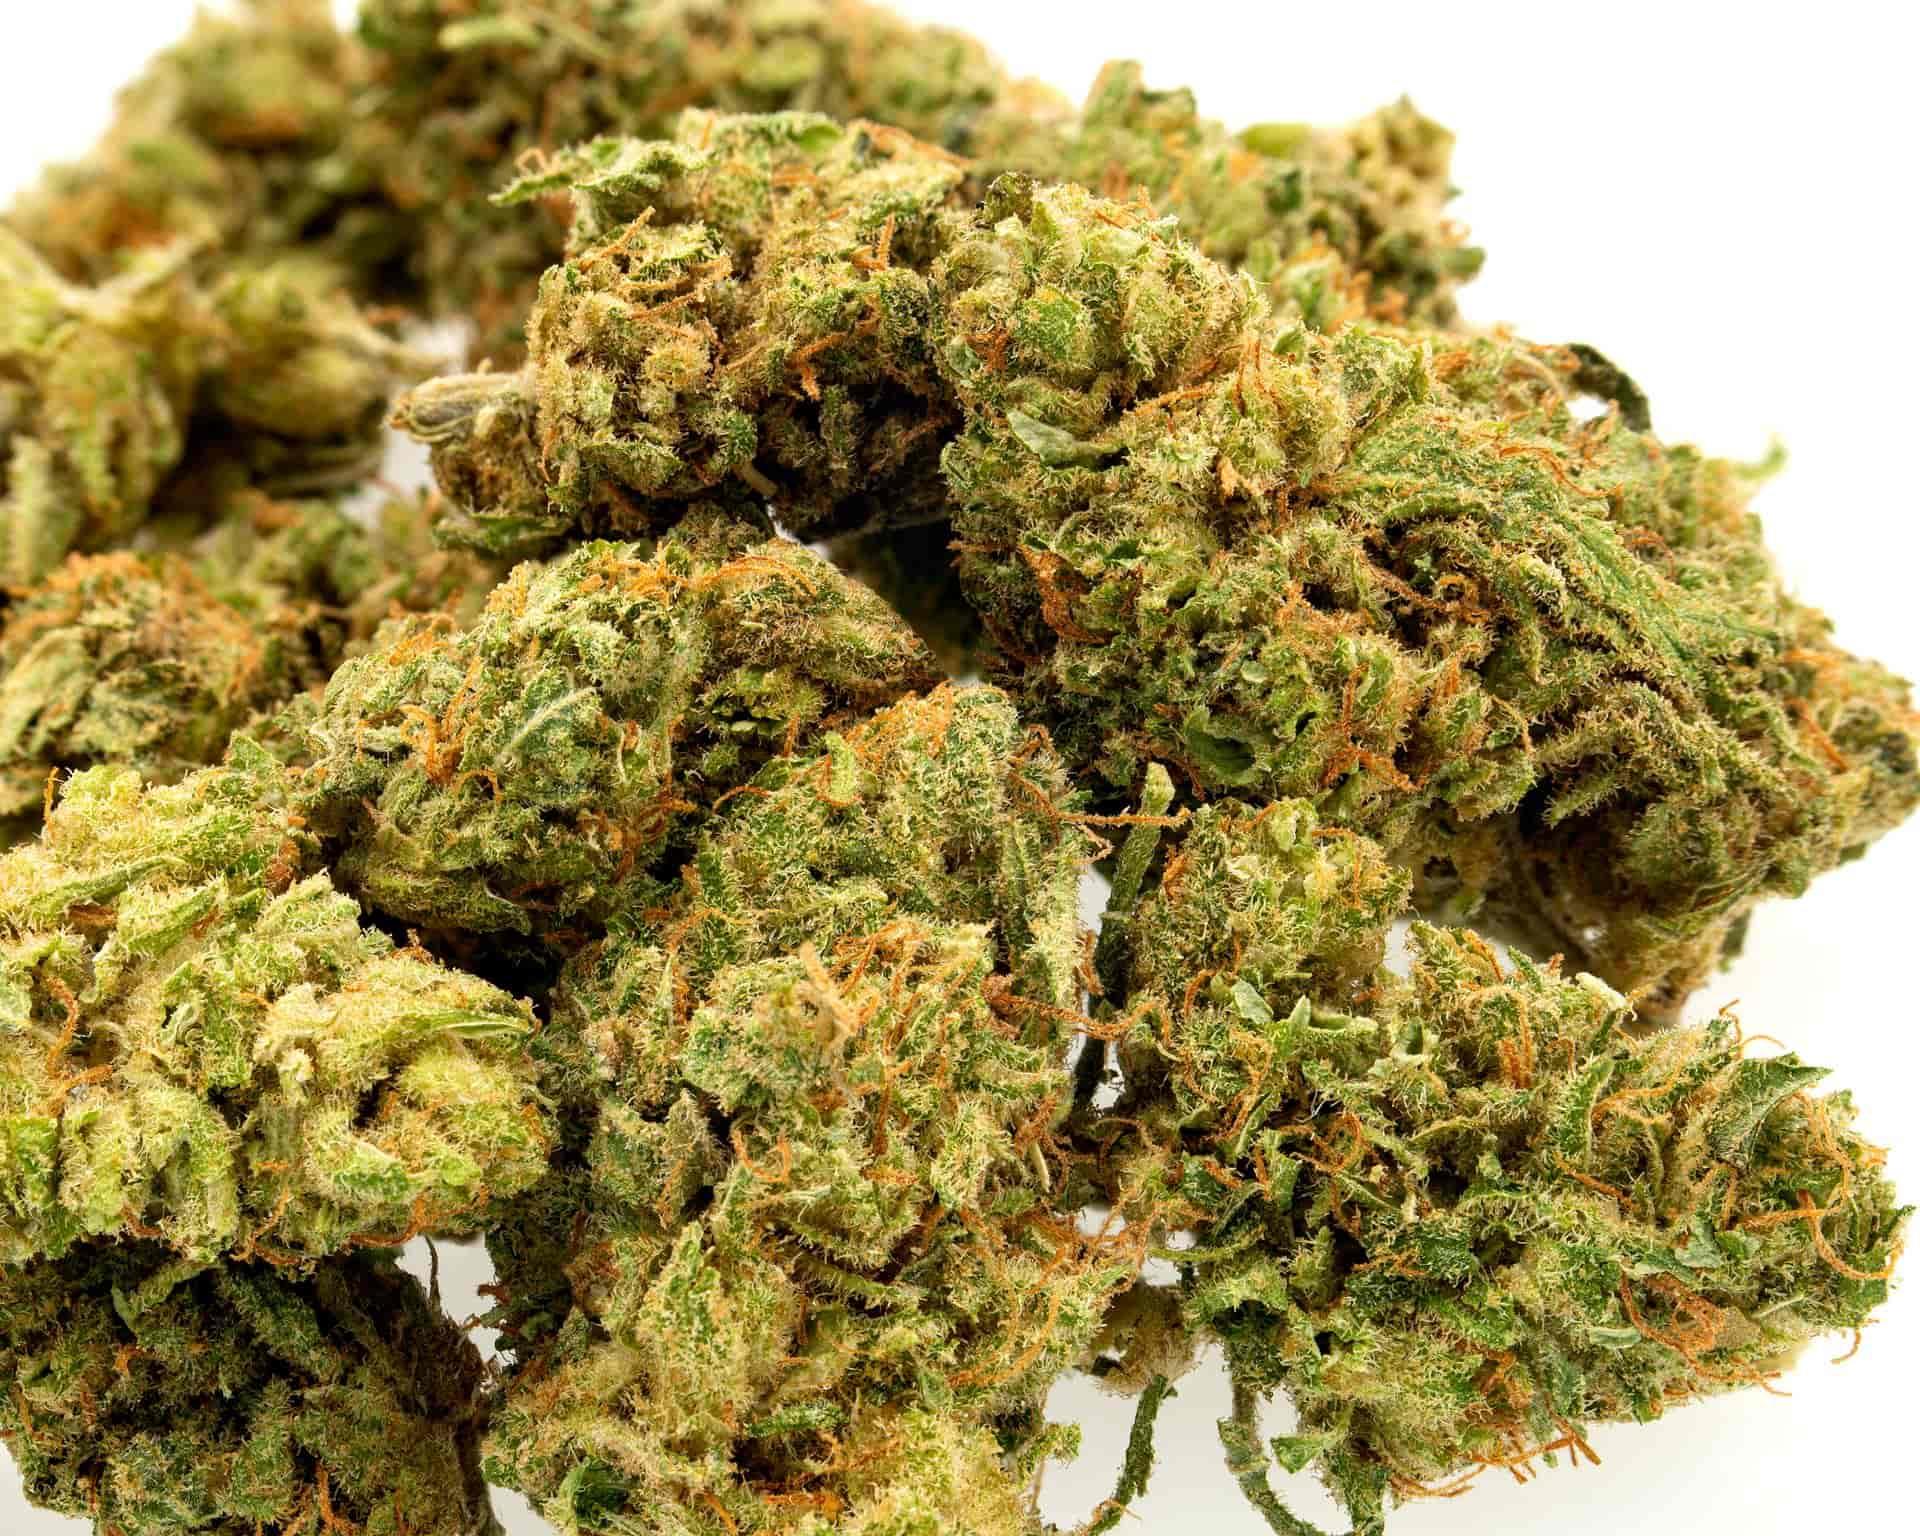 Sweet Grass CBD Hemp Flower for Sale Online